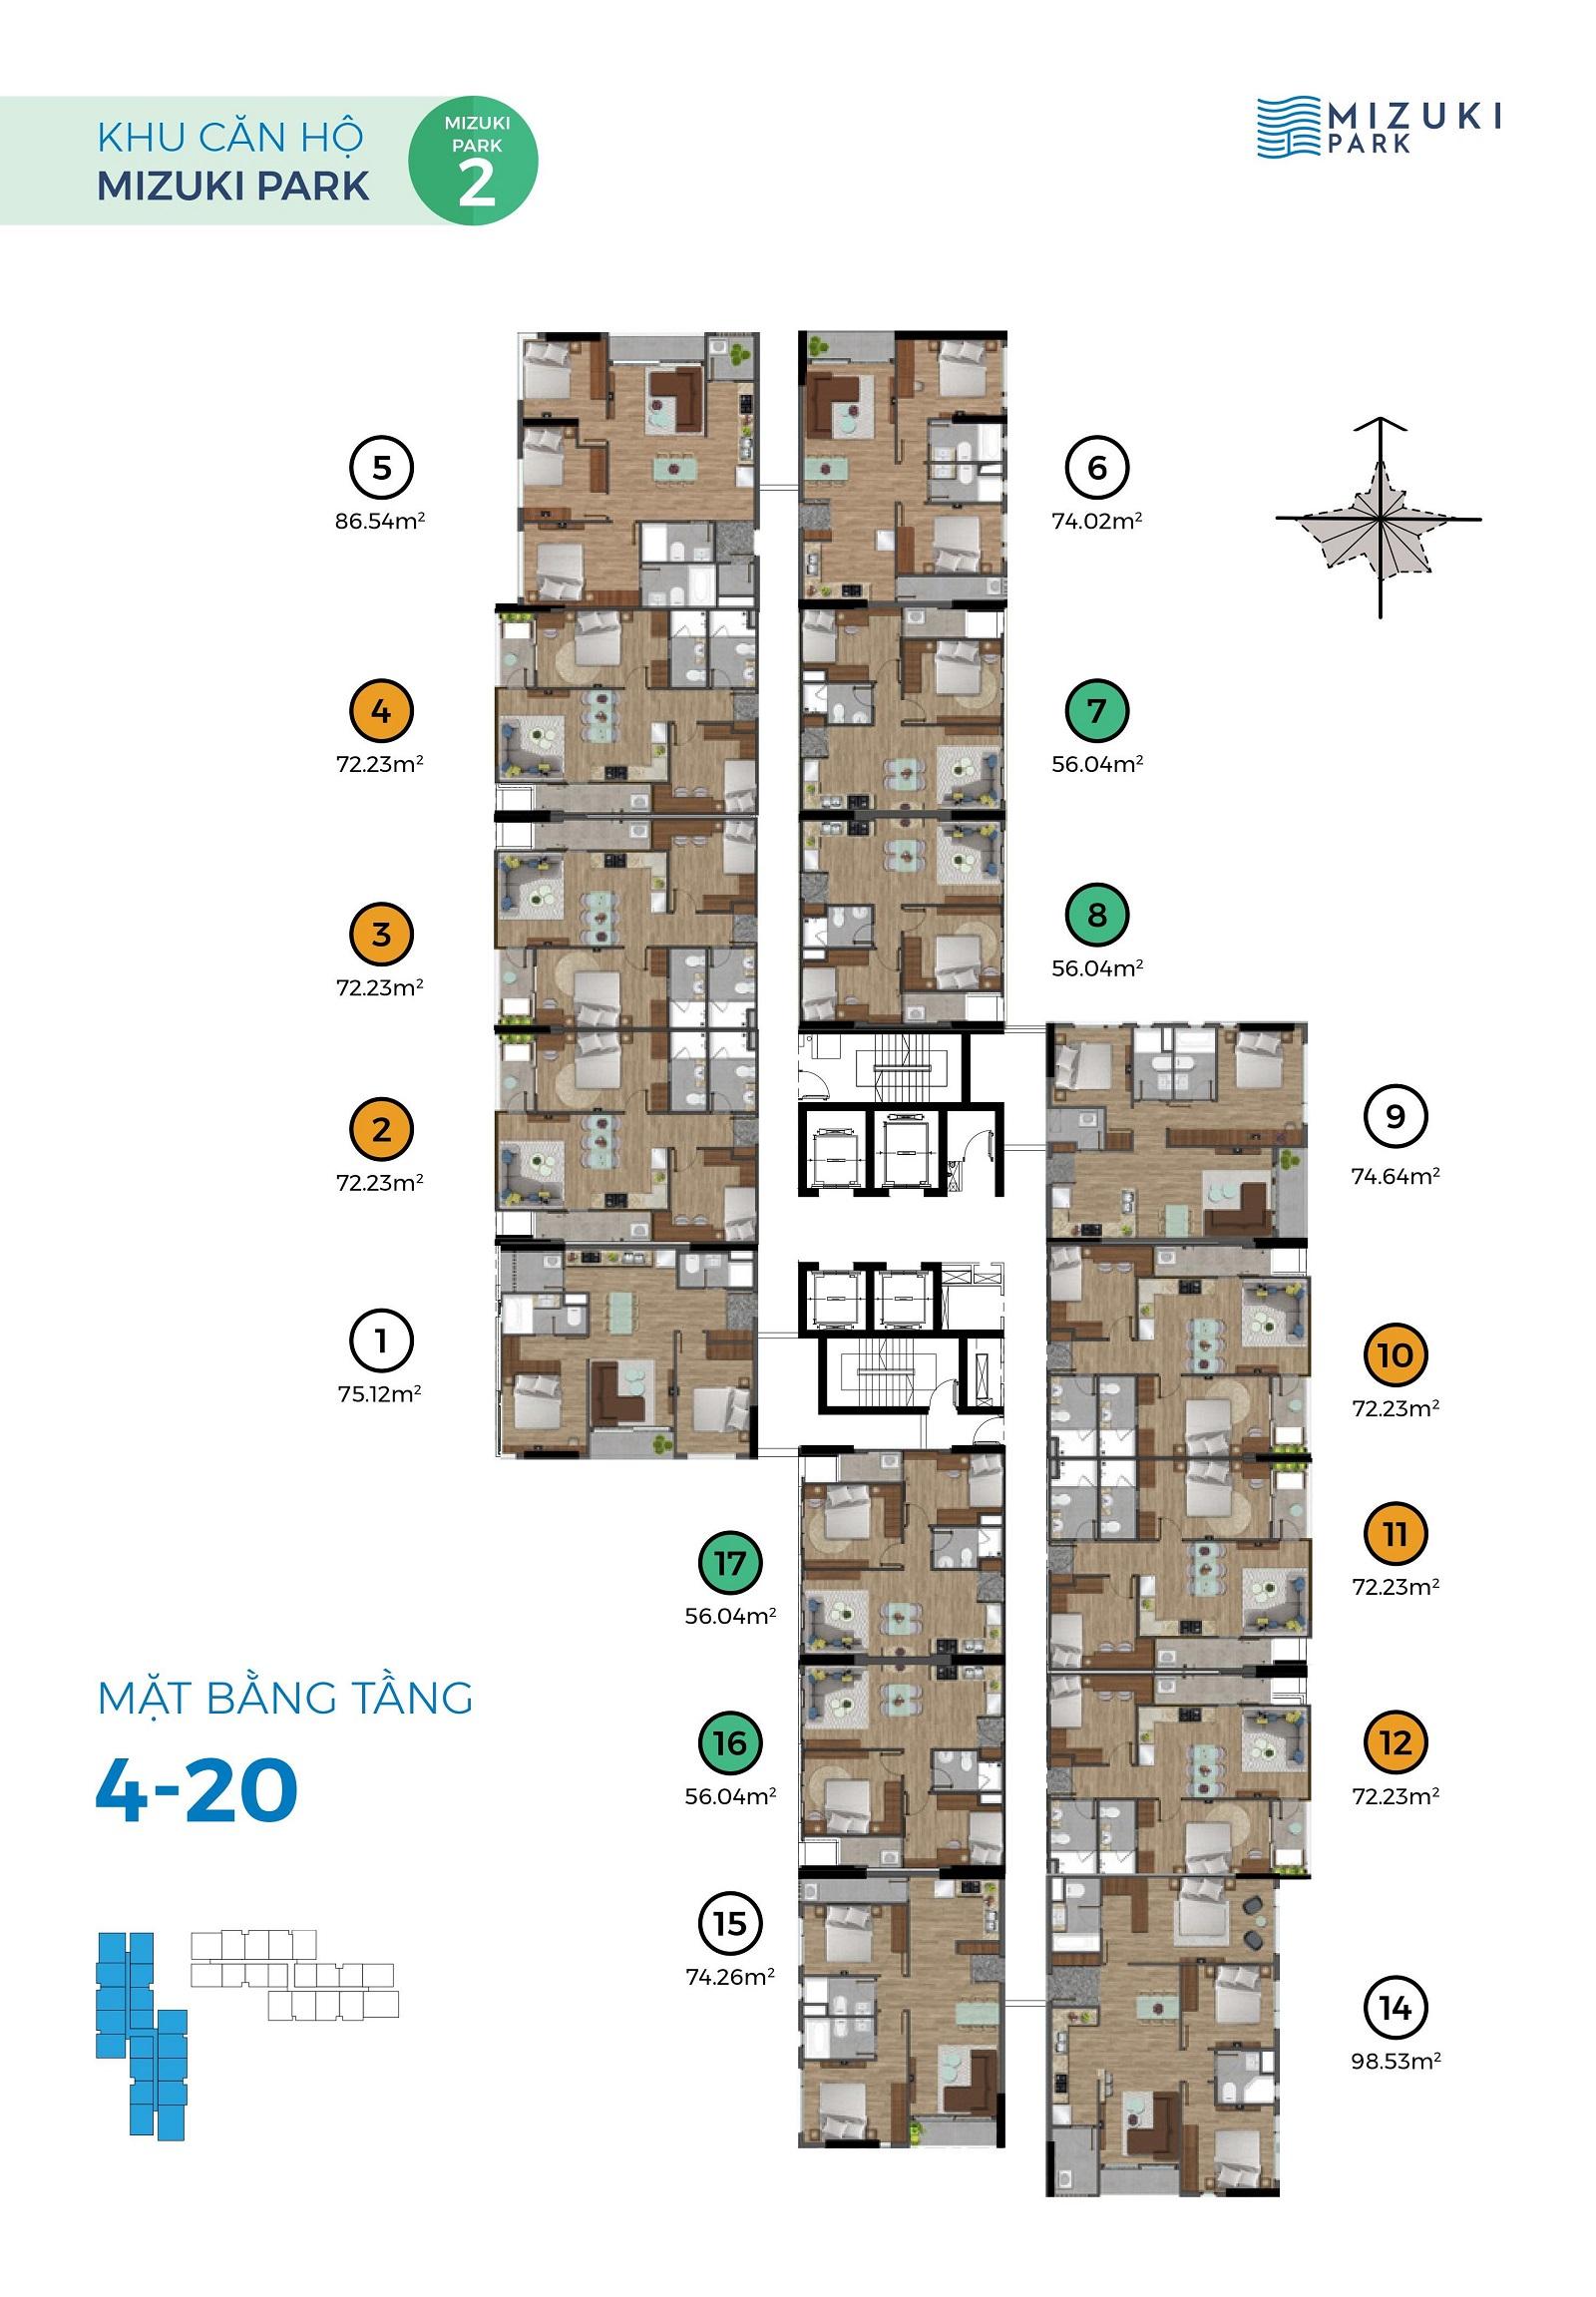 Mặt bằng Mizuki Park 2 tầng 3-4